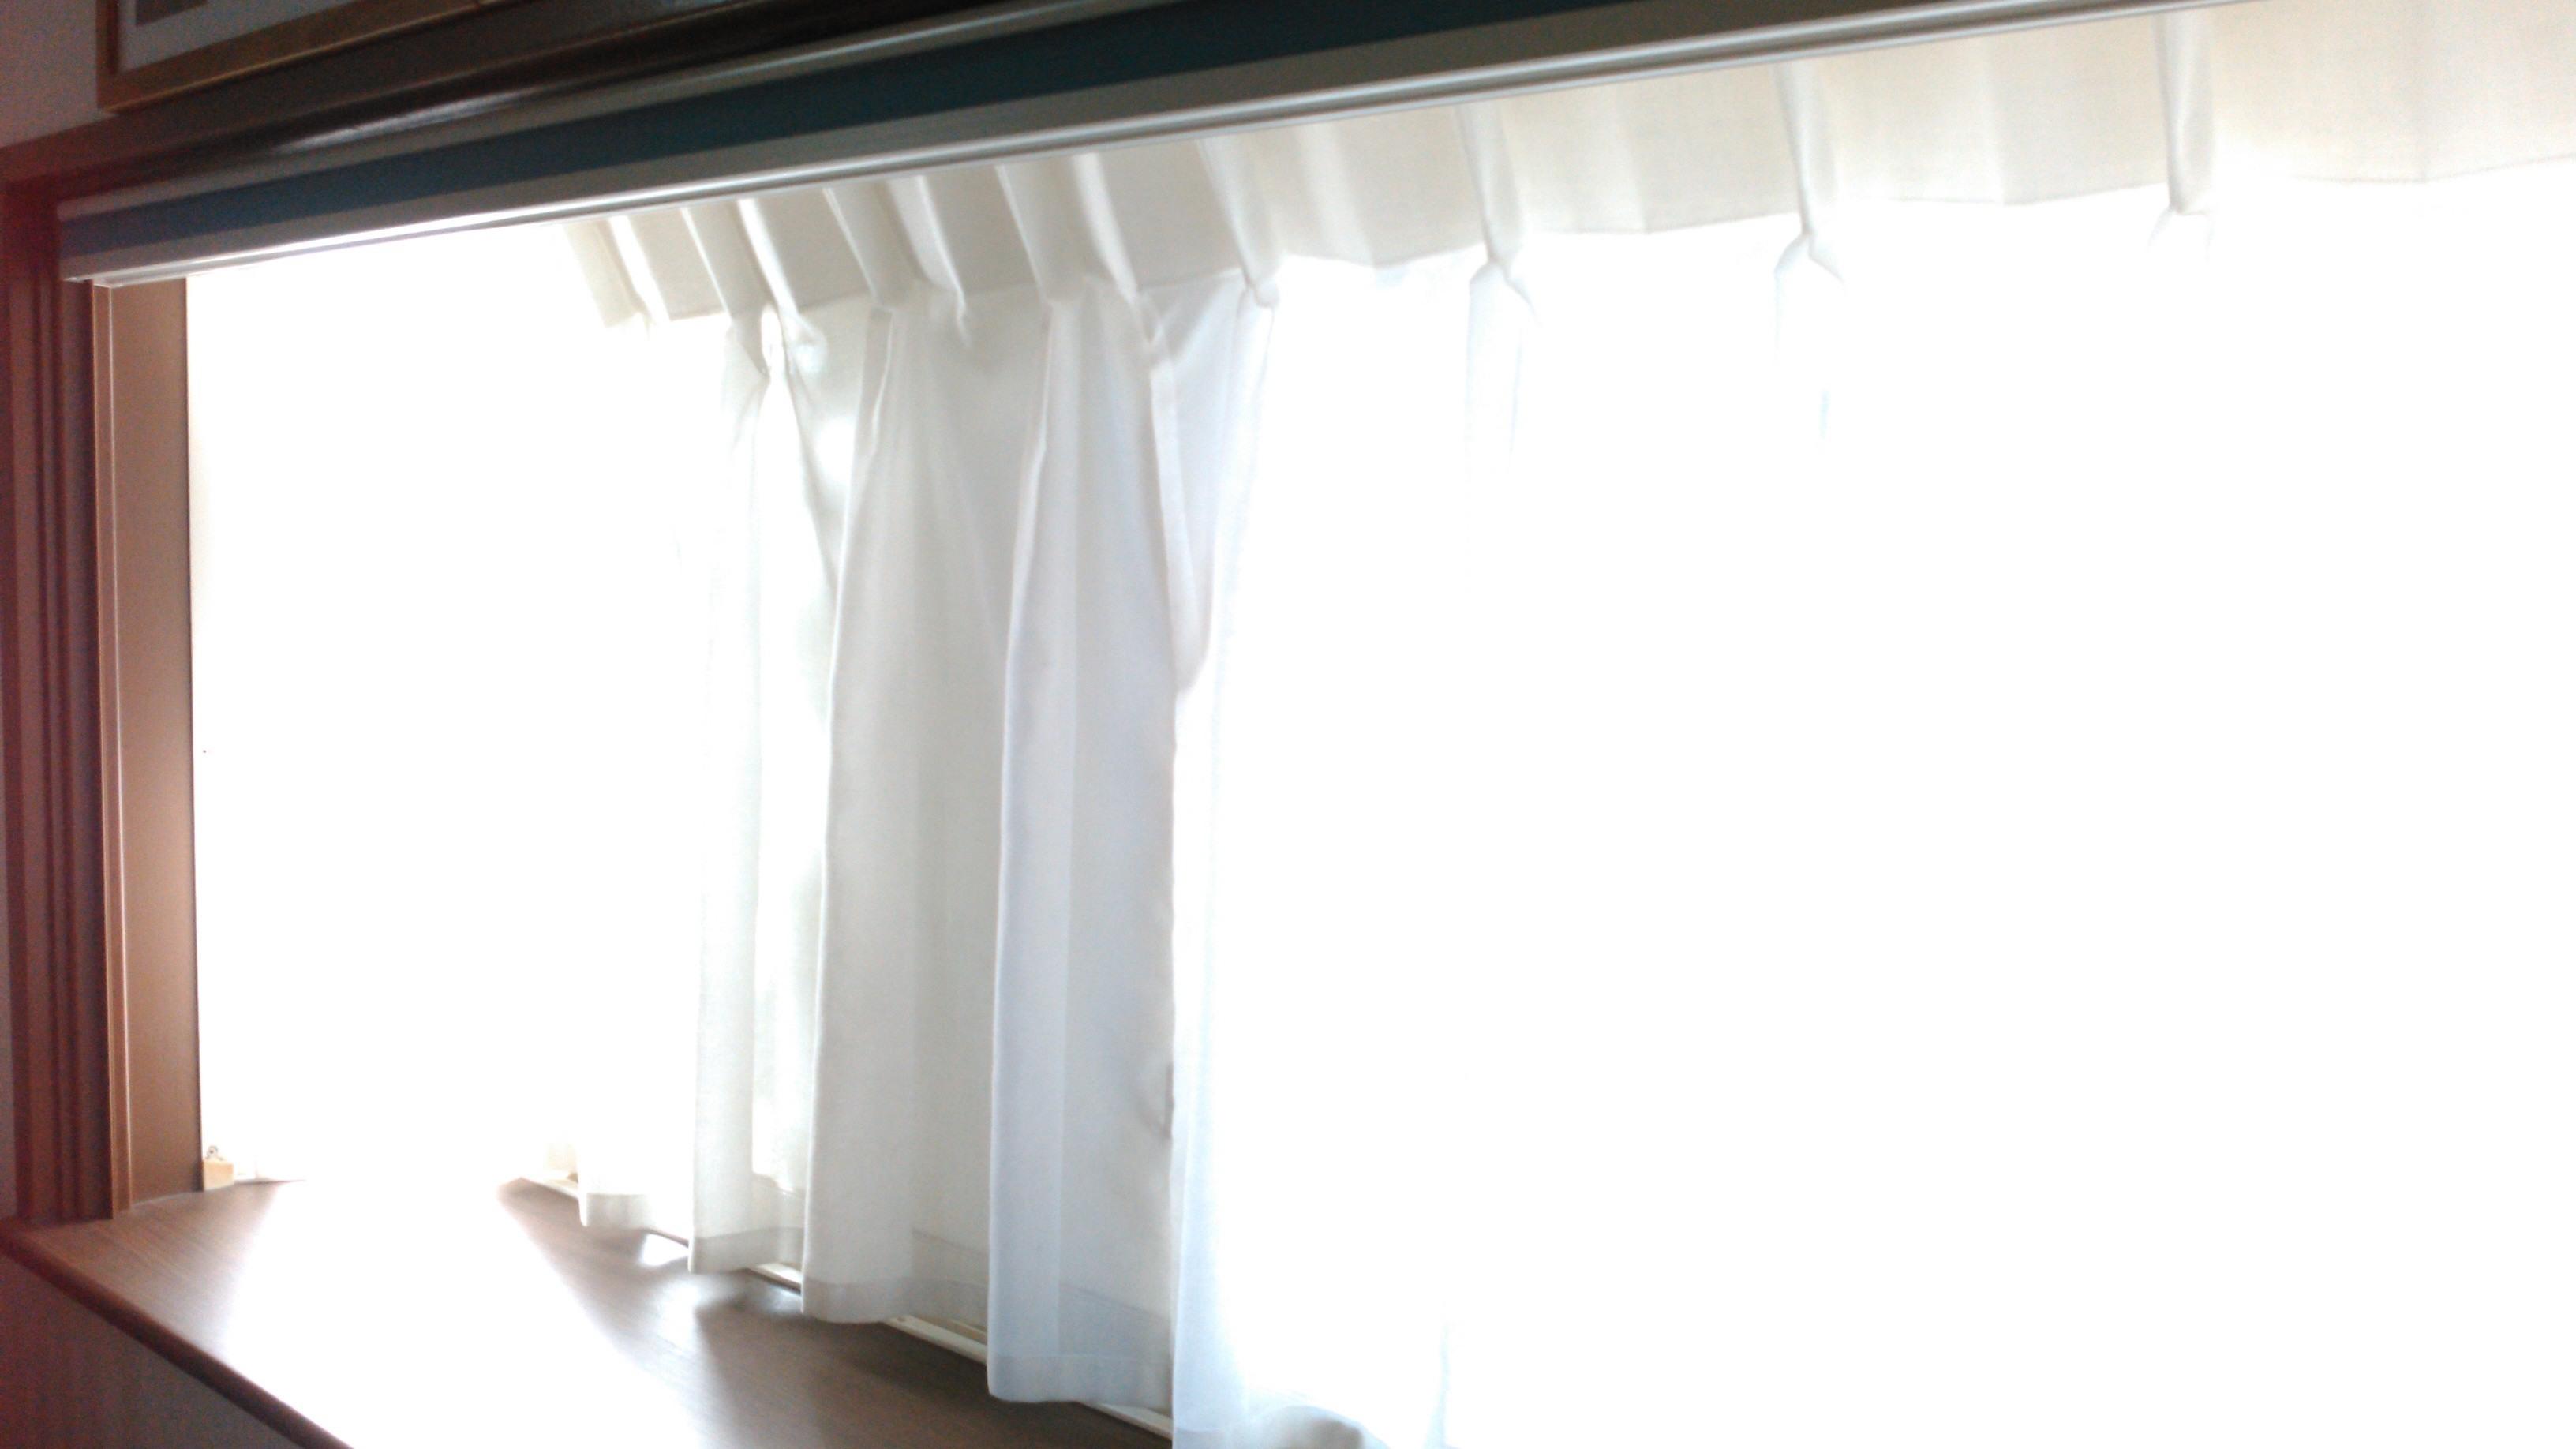 窓の断熱 セイキの『ハニカムサーモスクリーン』 モリス正規販売店のブライト_c0157866_19591072.jpg